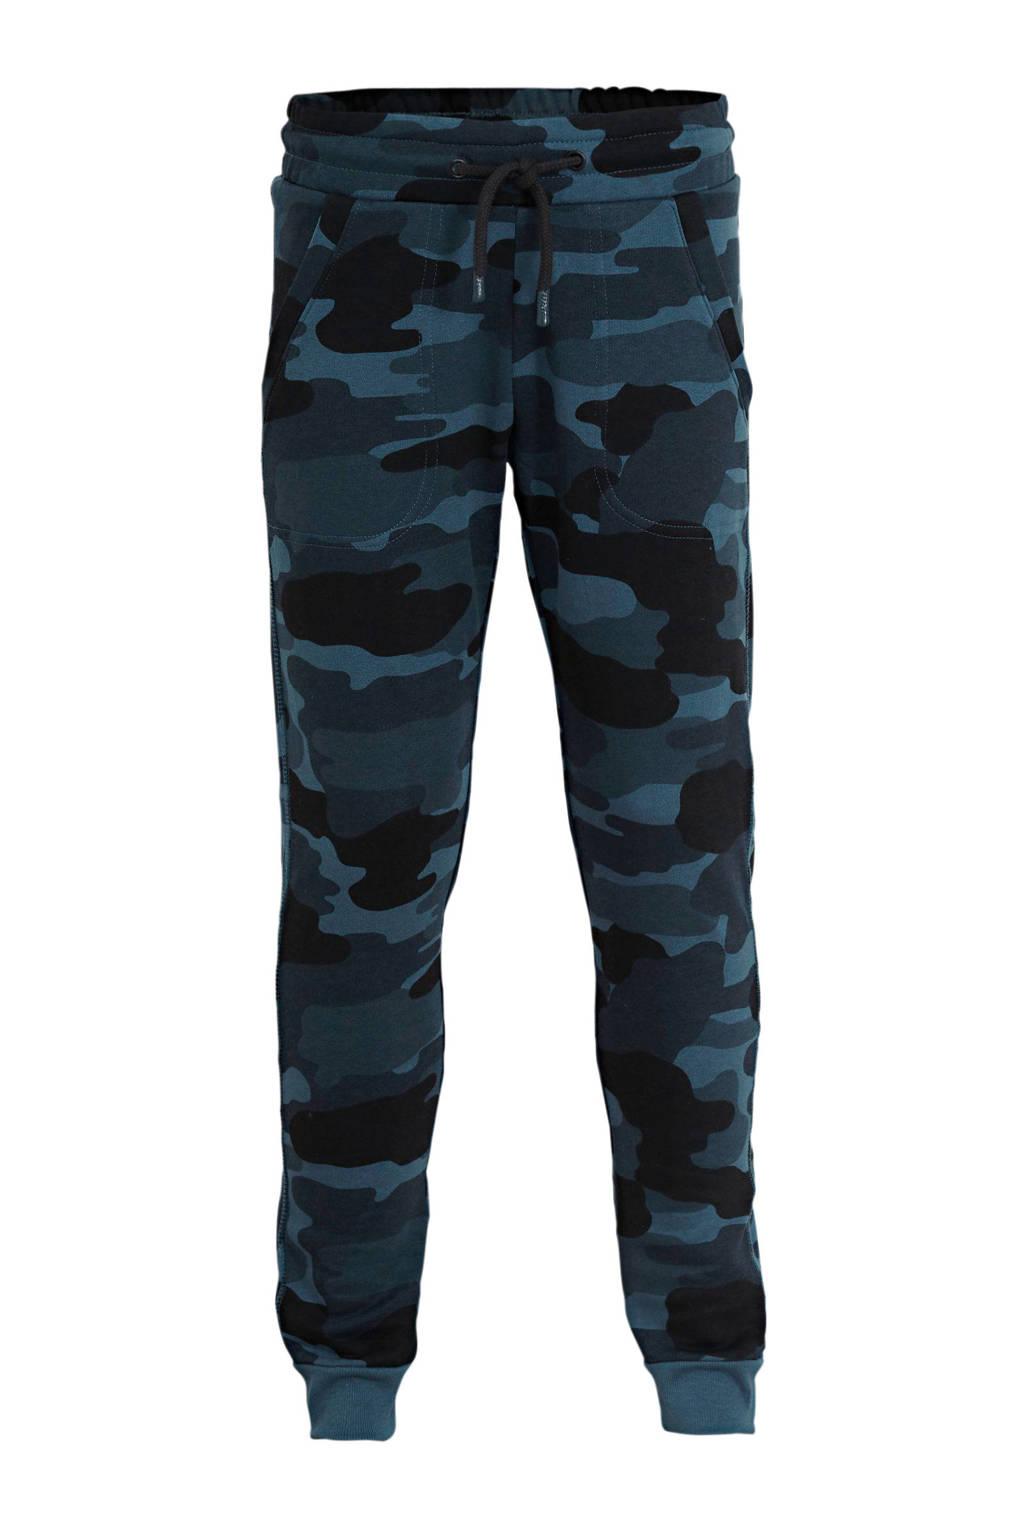 HEMA regular fit broek met camouflageprint donkerblauw, Donkerblauw